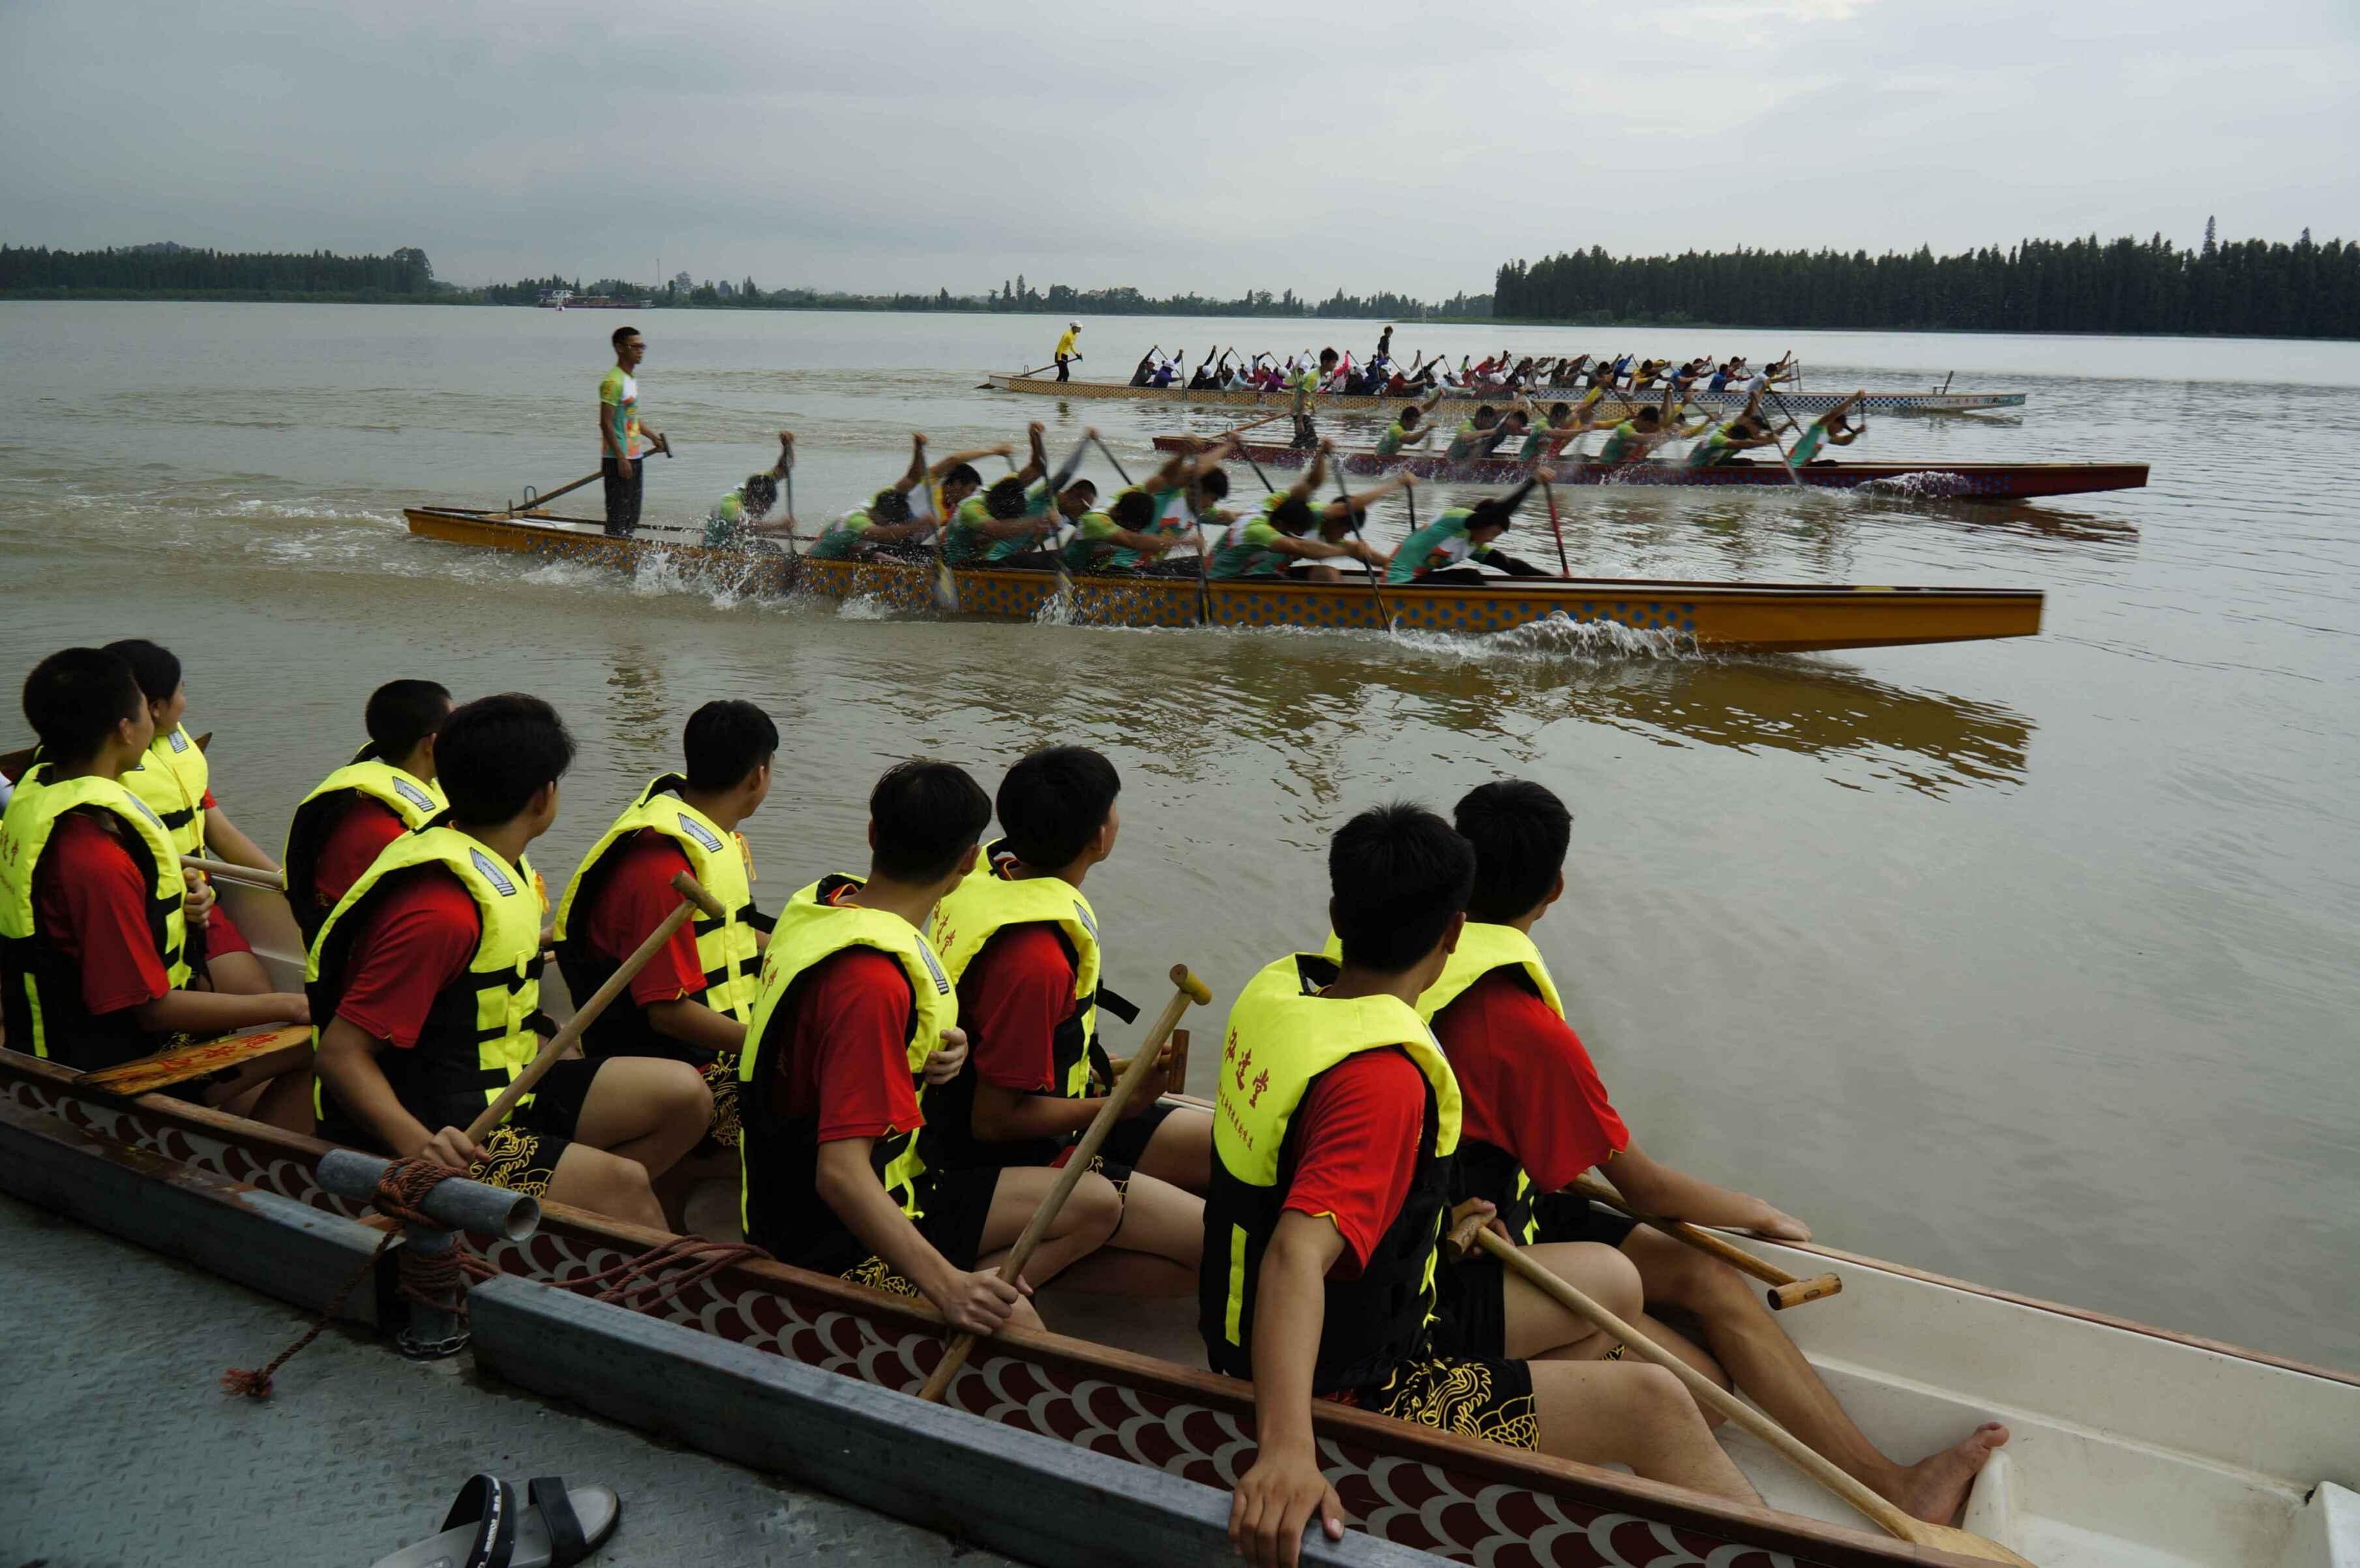 我市首个青少年龙舟培训班开班 下水感受龙舟运动的魅力